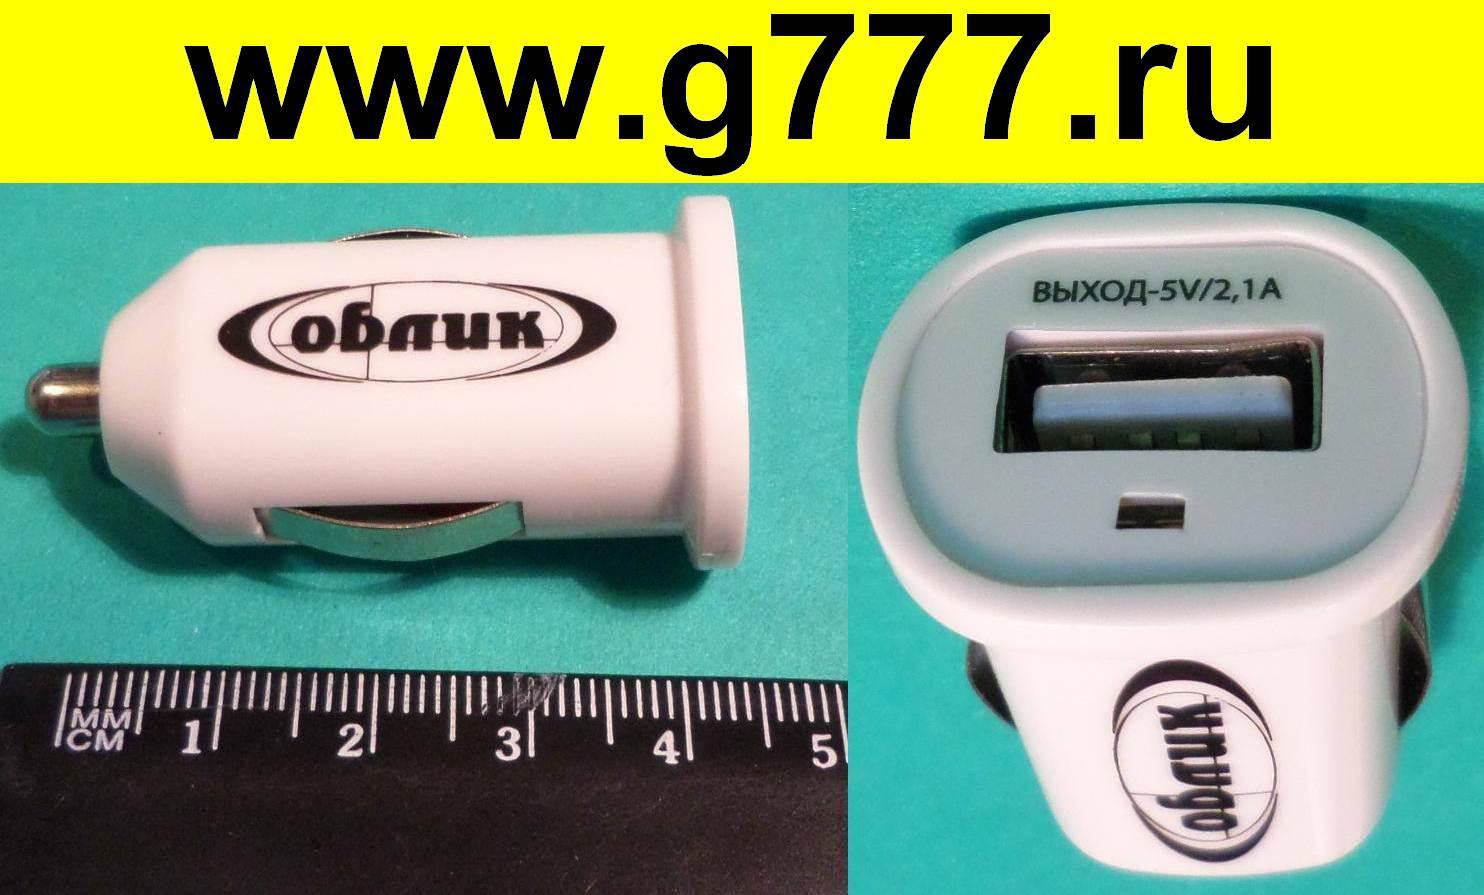 Huawei B310  4G LTE  3G роутер WiFi LAN WAN USB тел